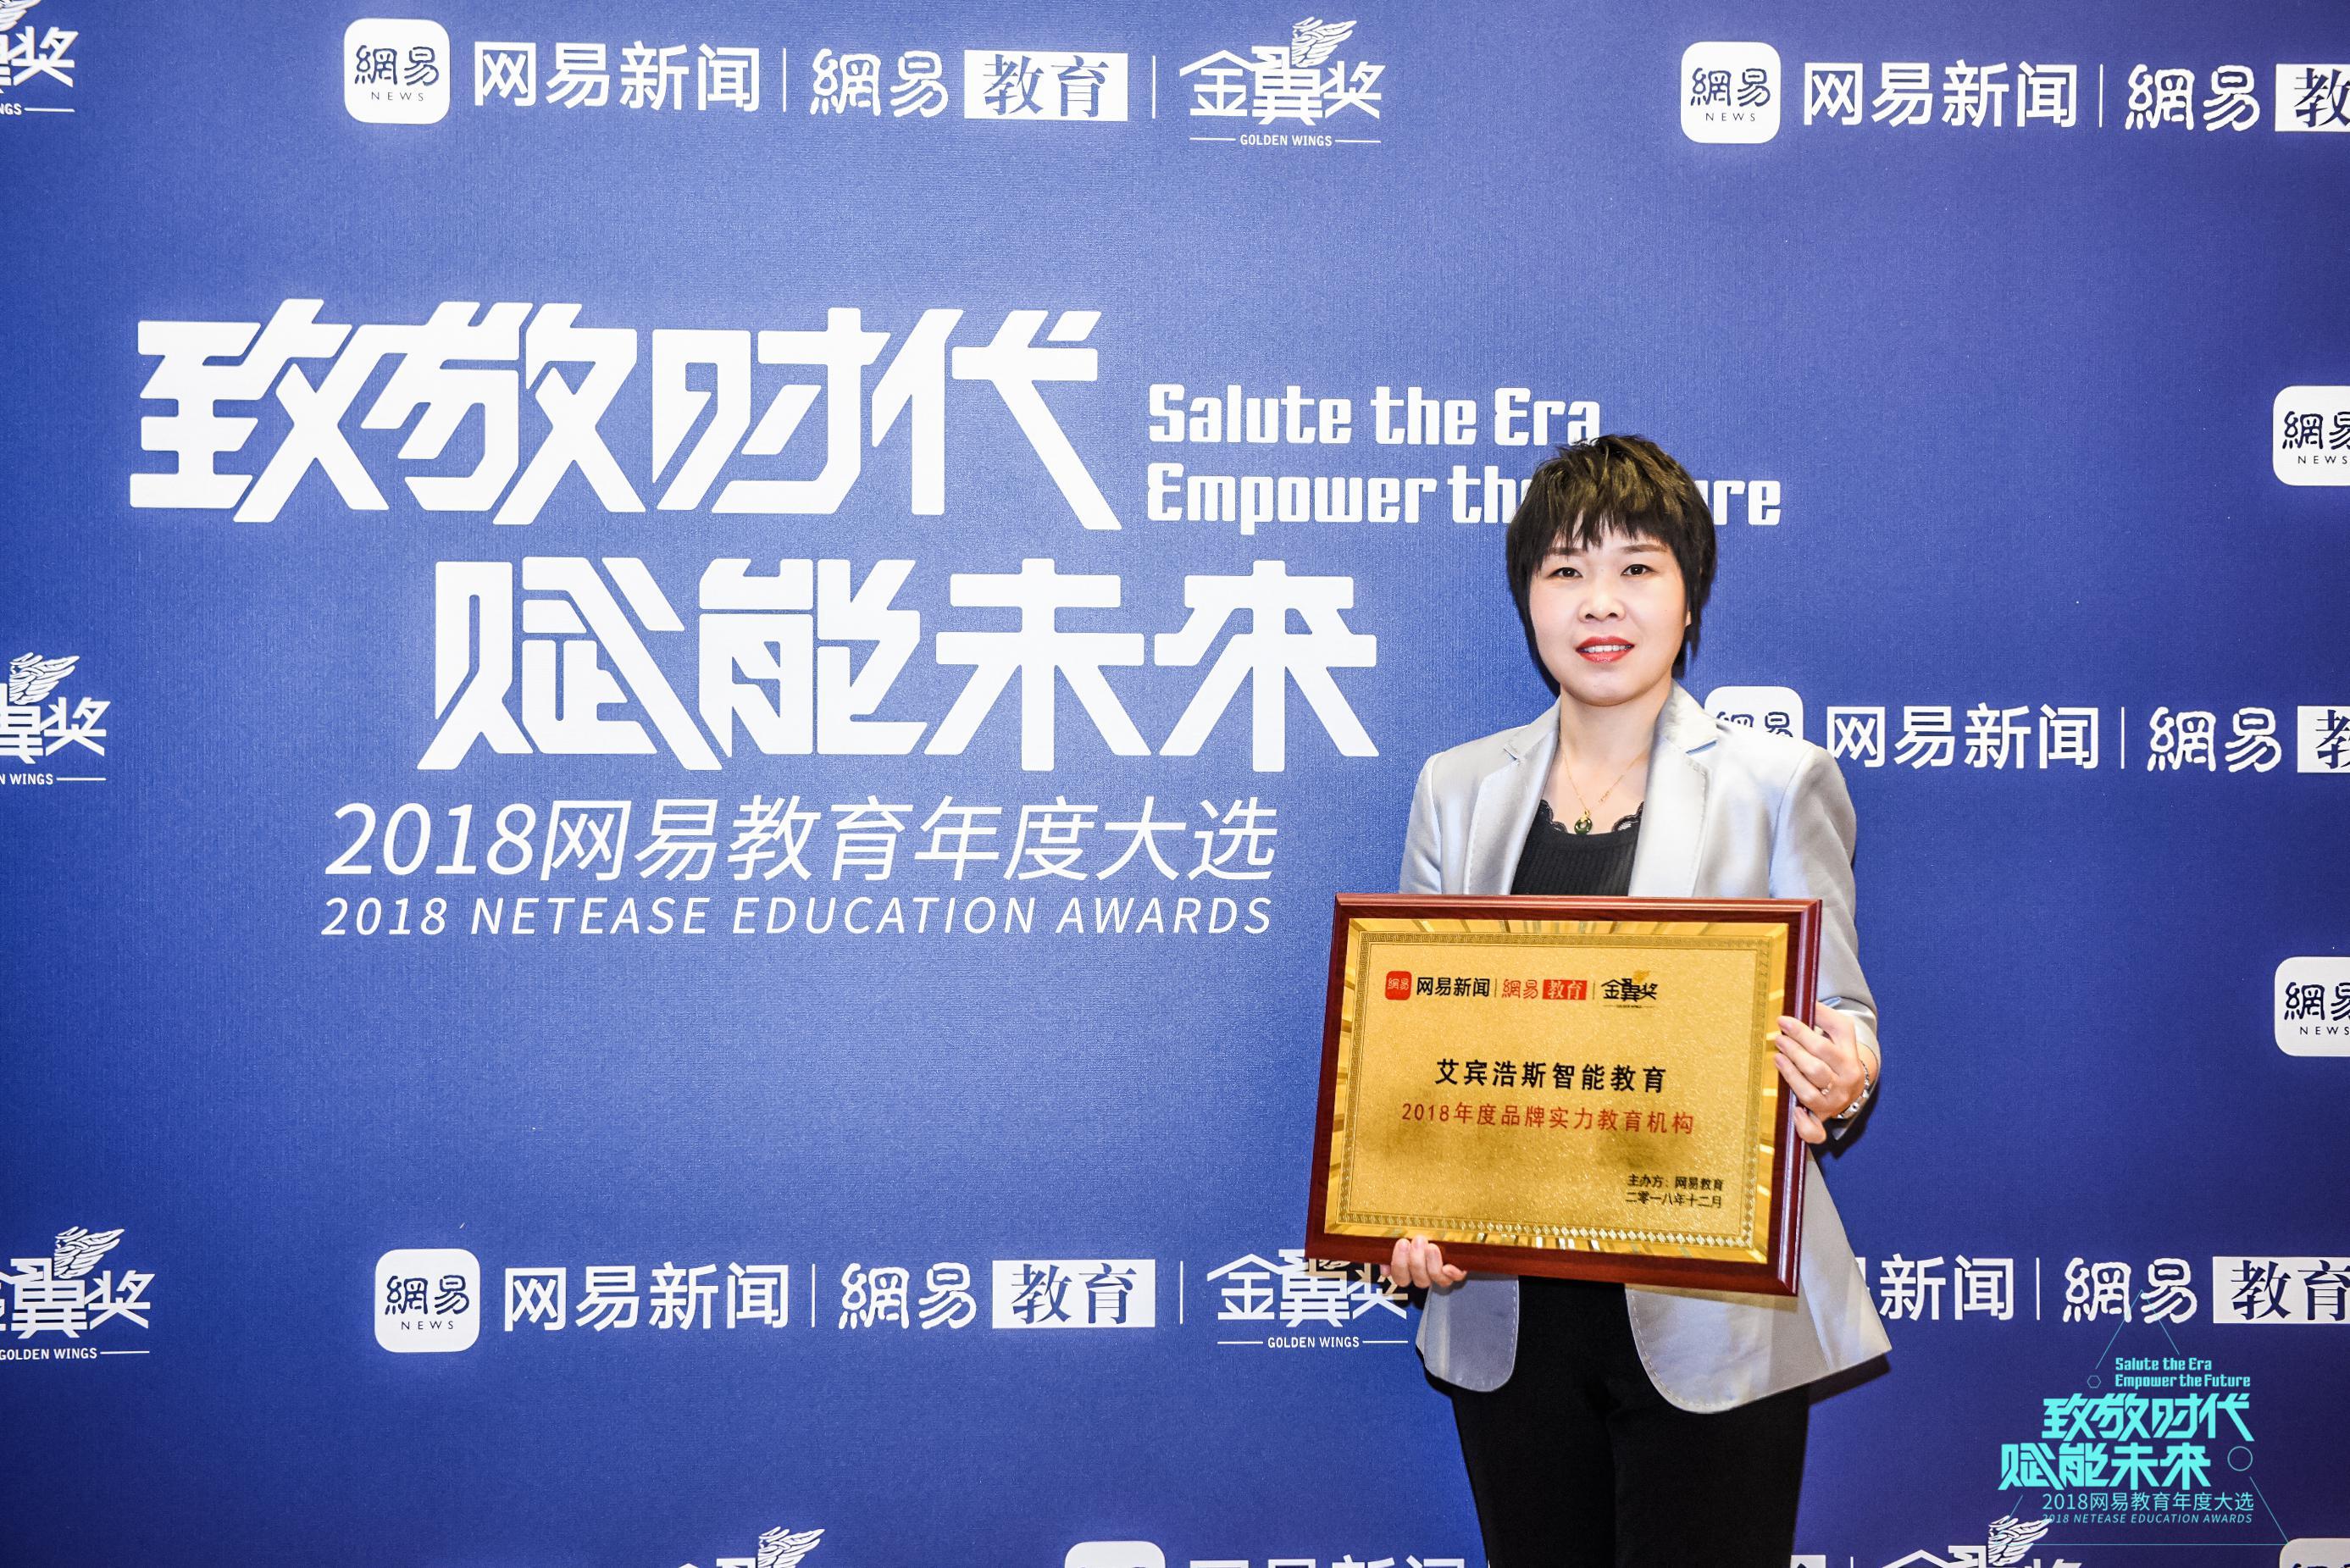 艾宾浩斯杨晓丹:不忘初心秉承使命,让人工智能赋能未来教育